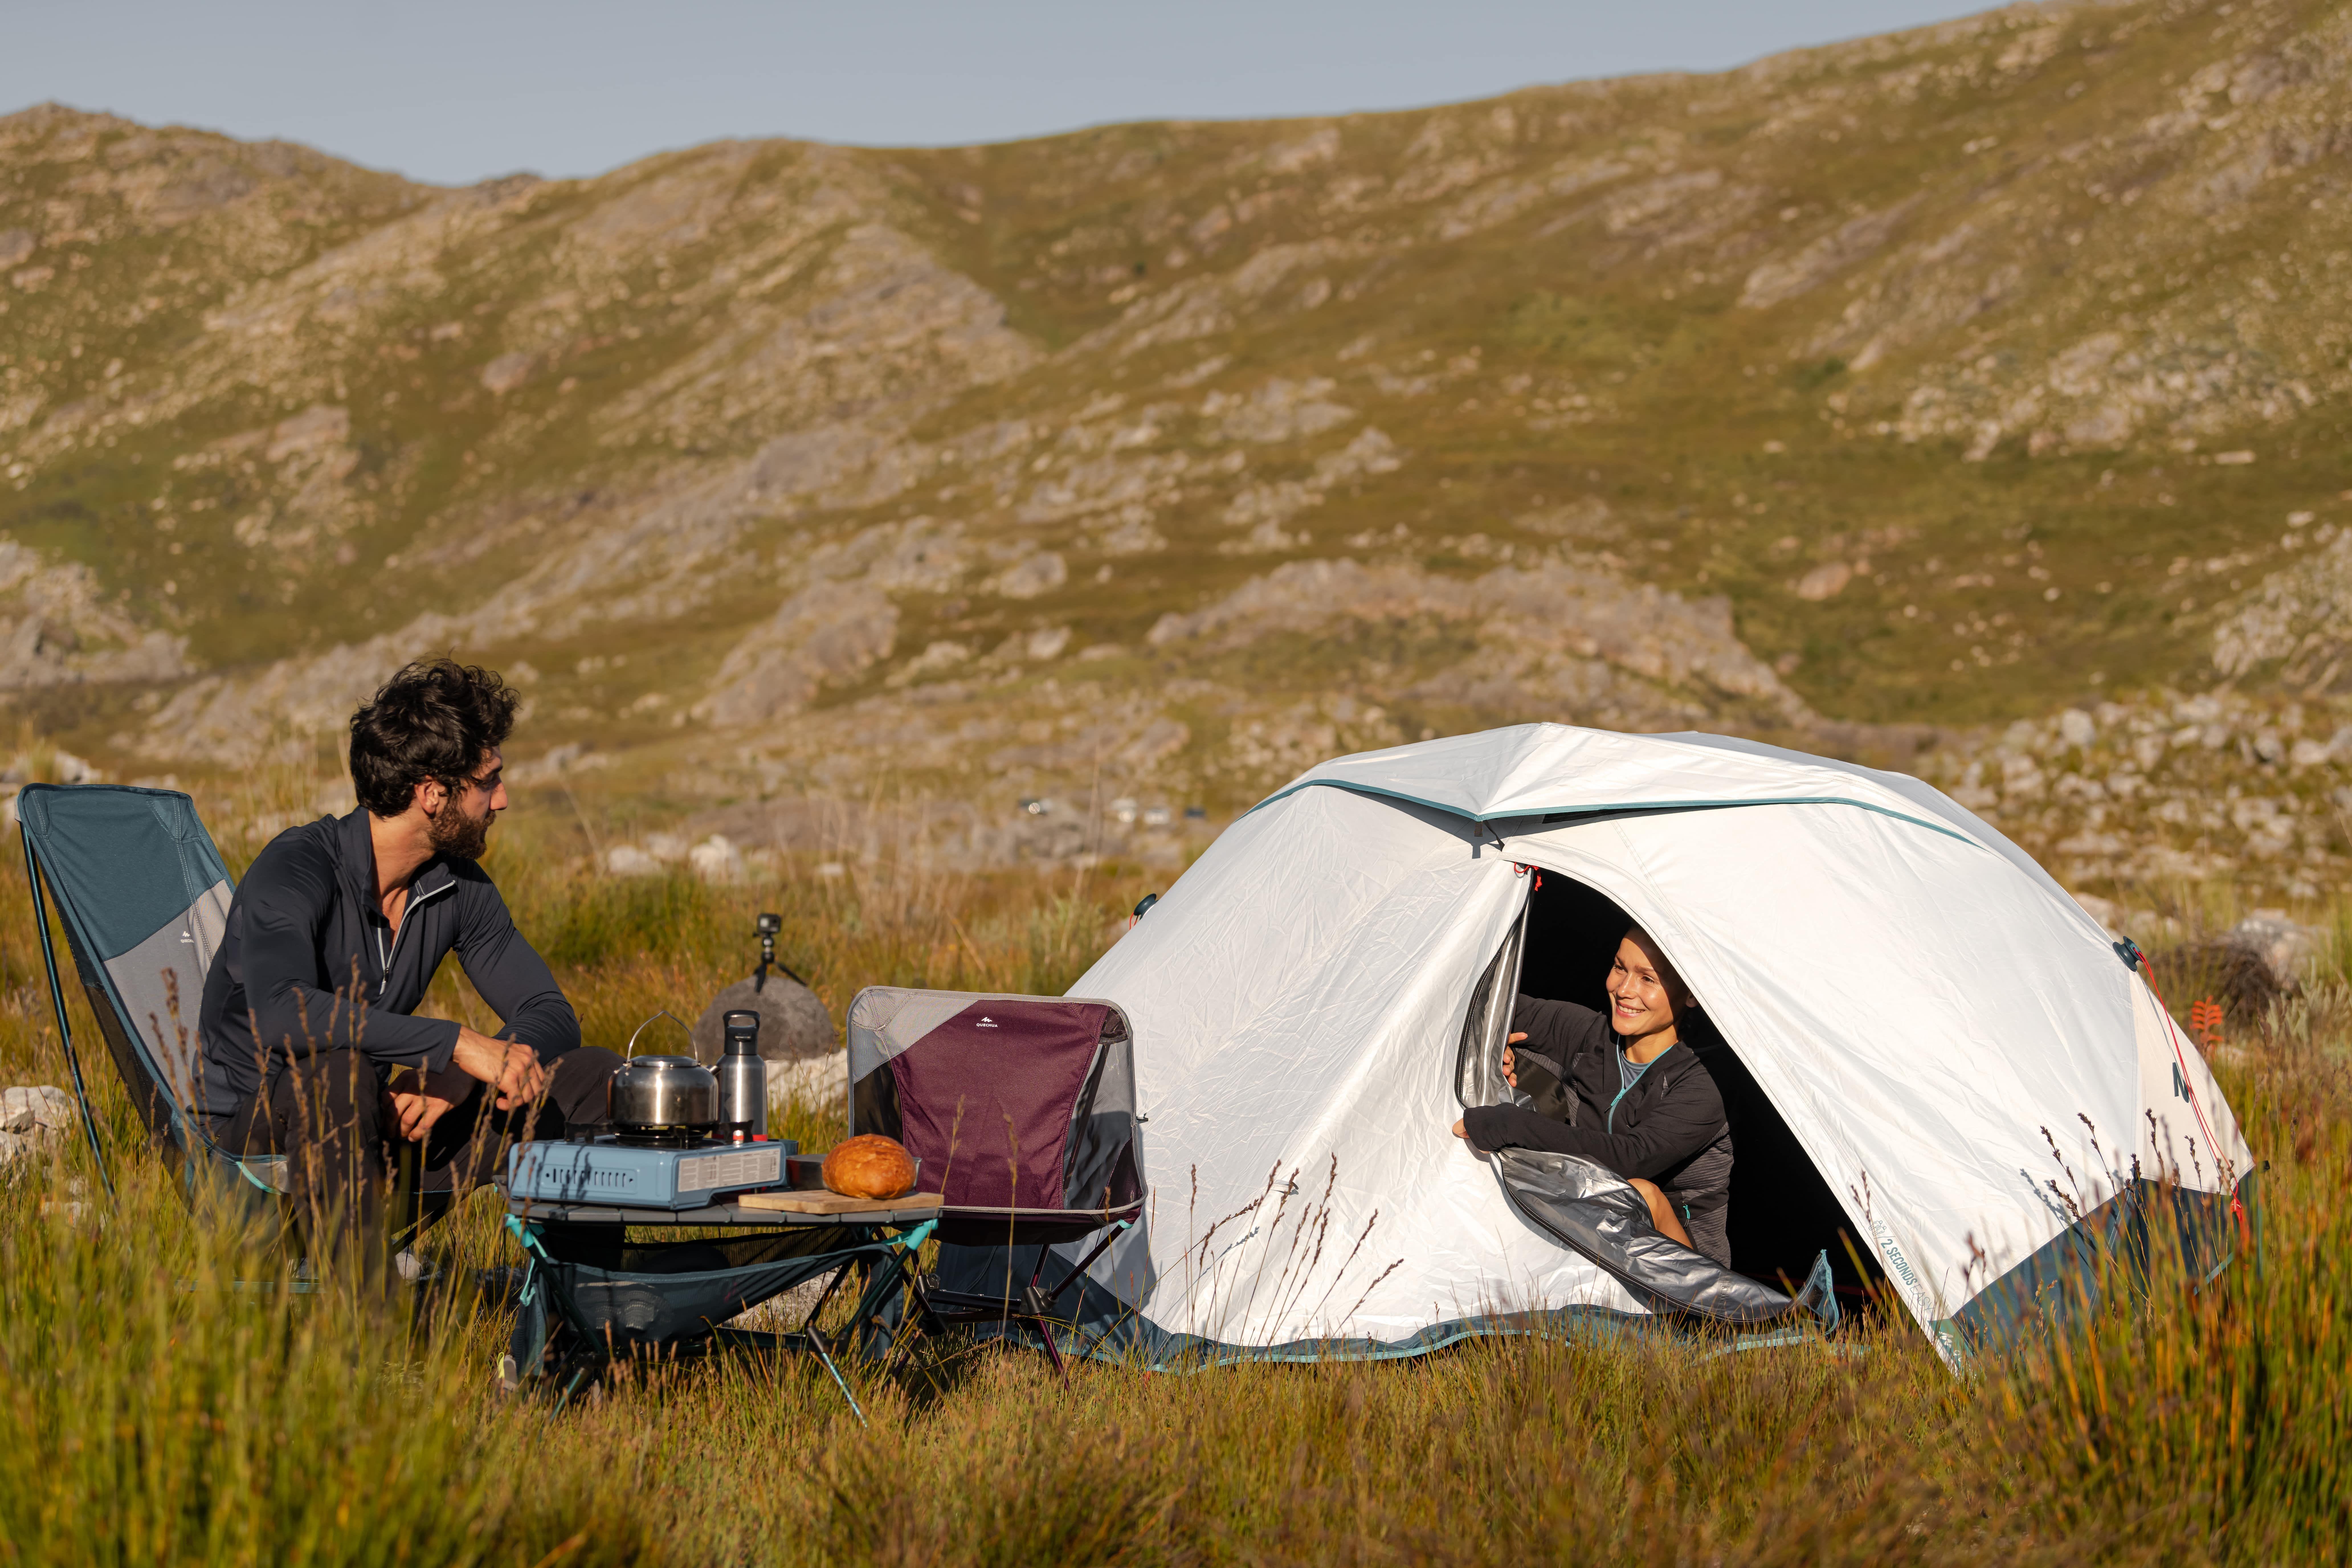 Decathlon Tiene La Mejor Tienda De Campaña Para Irte De Camping